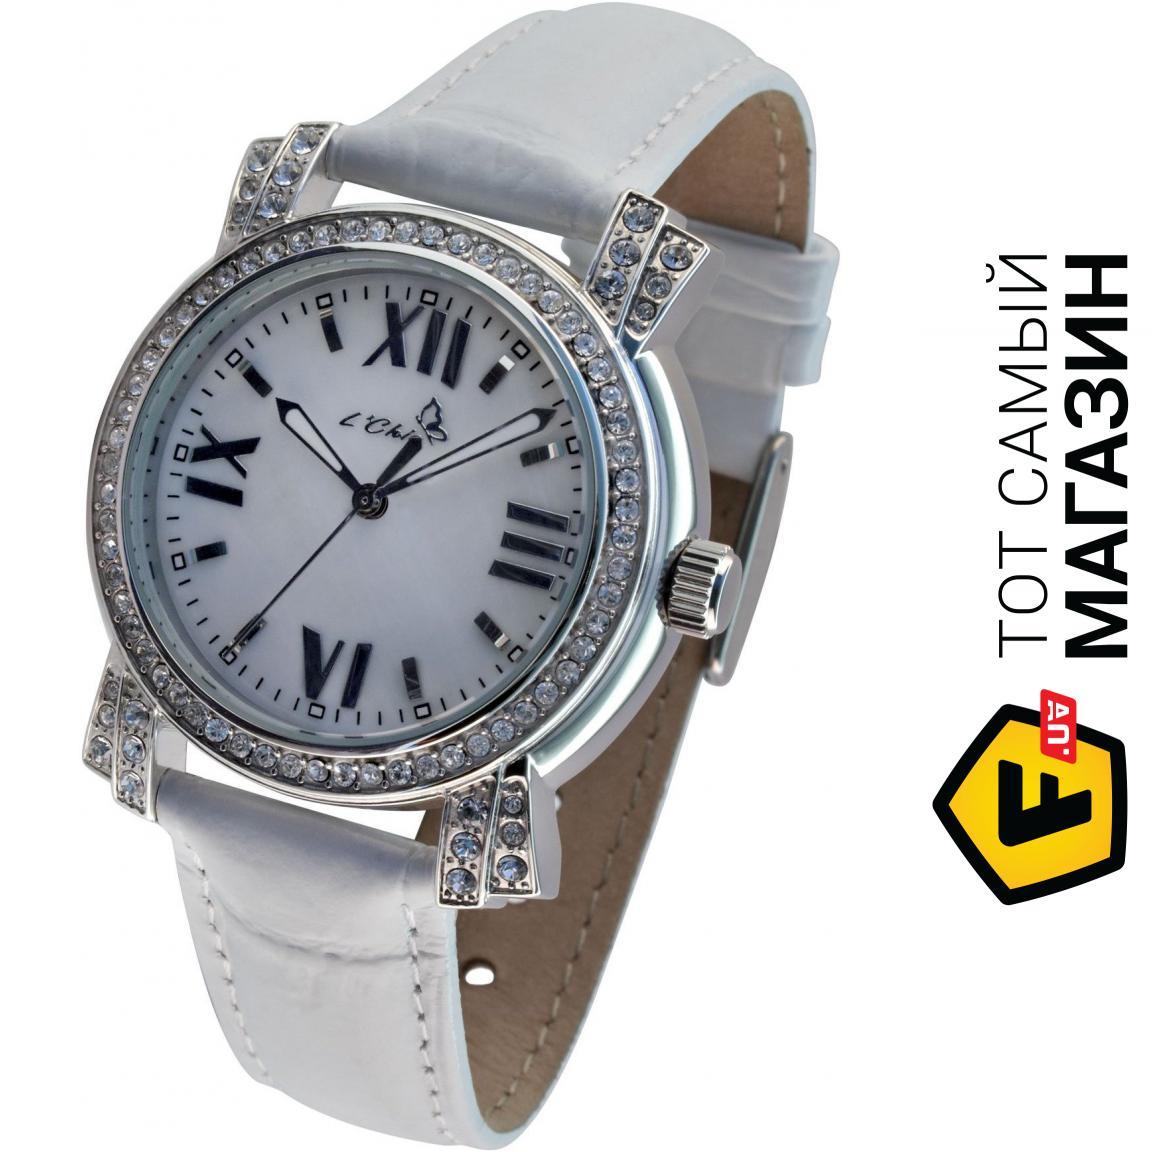 effd19af7d850 ᐈ L'CHIC Женские часы Le Chic CL 7007 S Белый ~ Купить? ЦЕНА ...